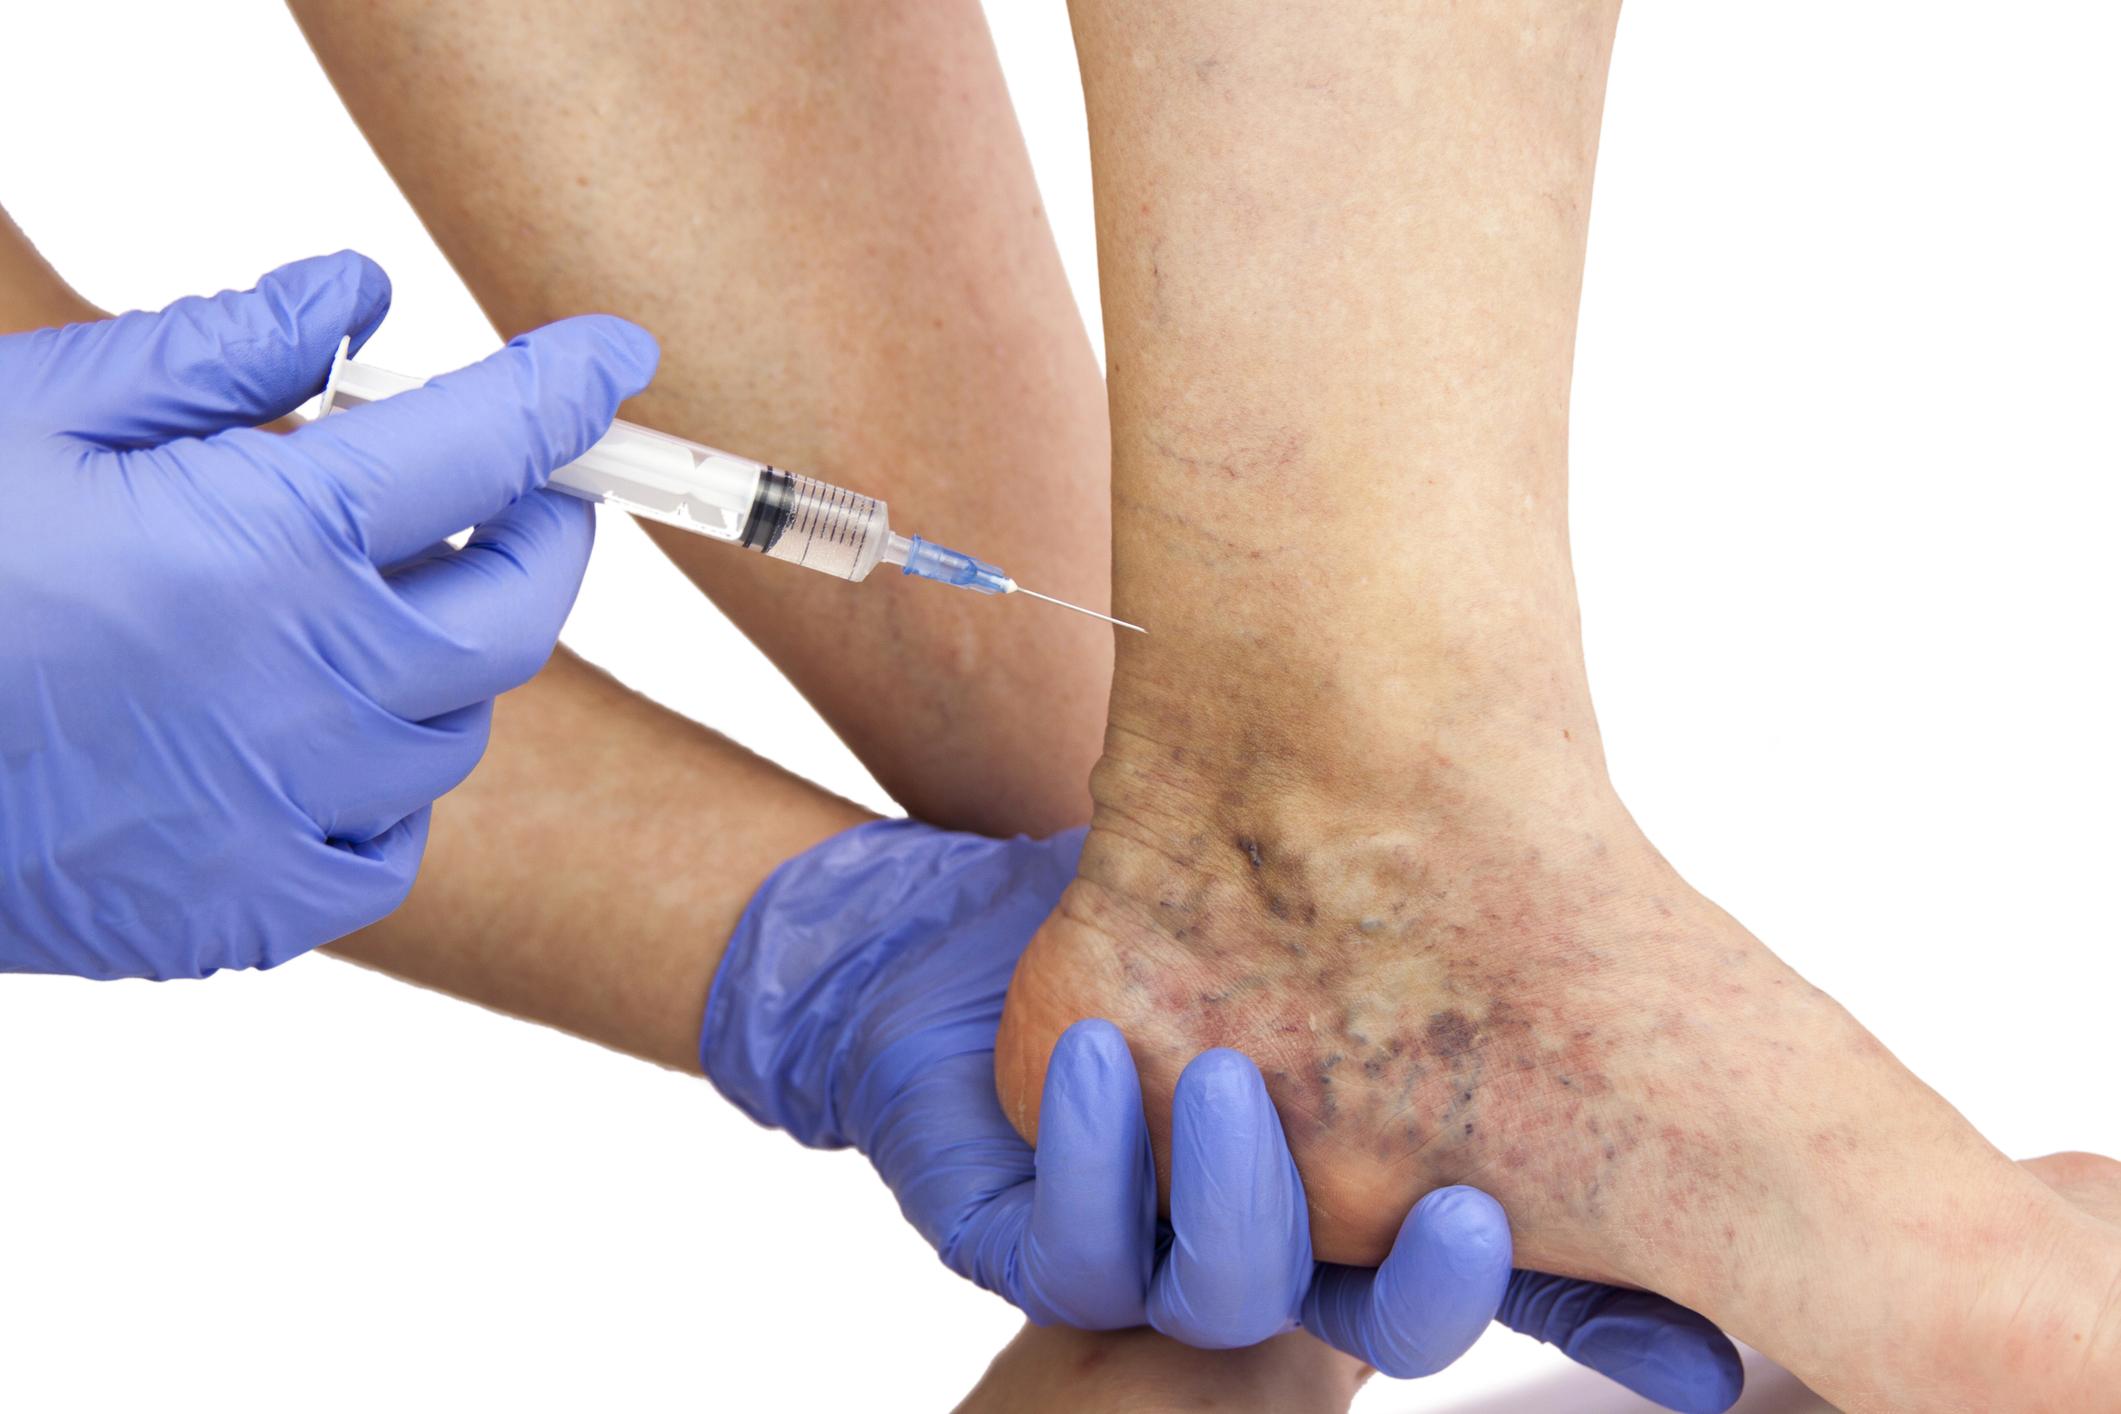 phlebodia tabletták visszér ellen a második szakasz visszérének kezelése